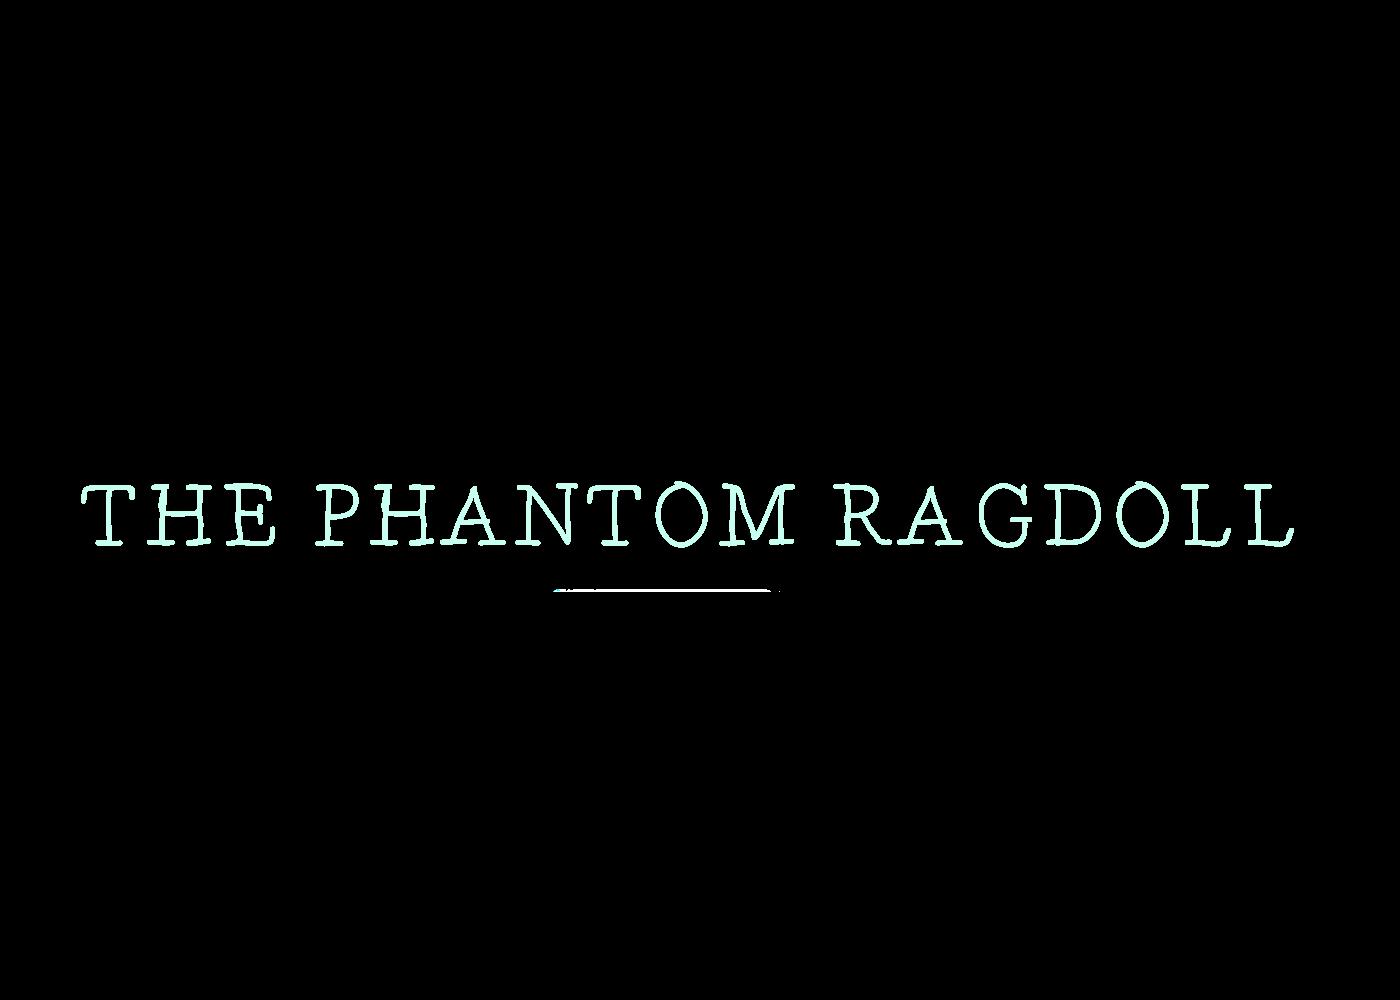 The Phantom Ragdoll